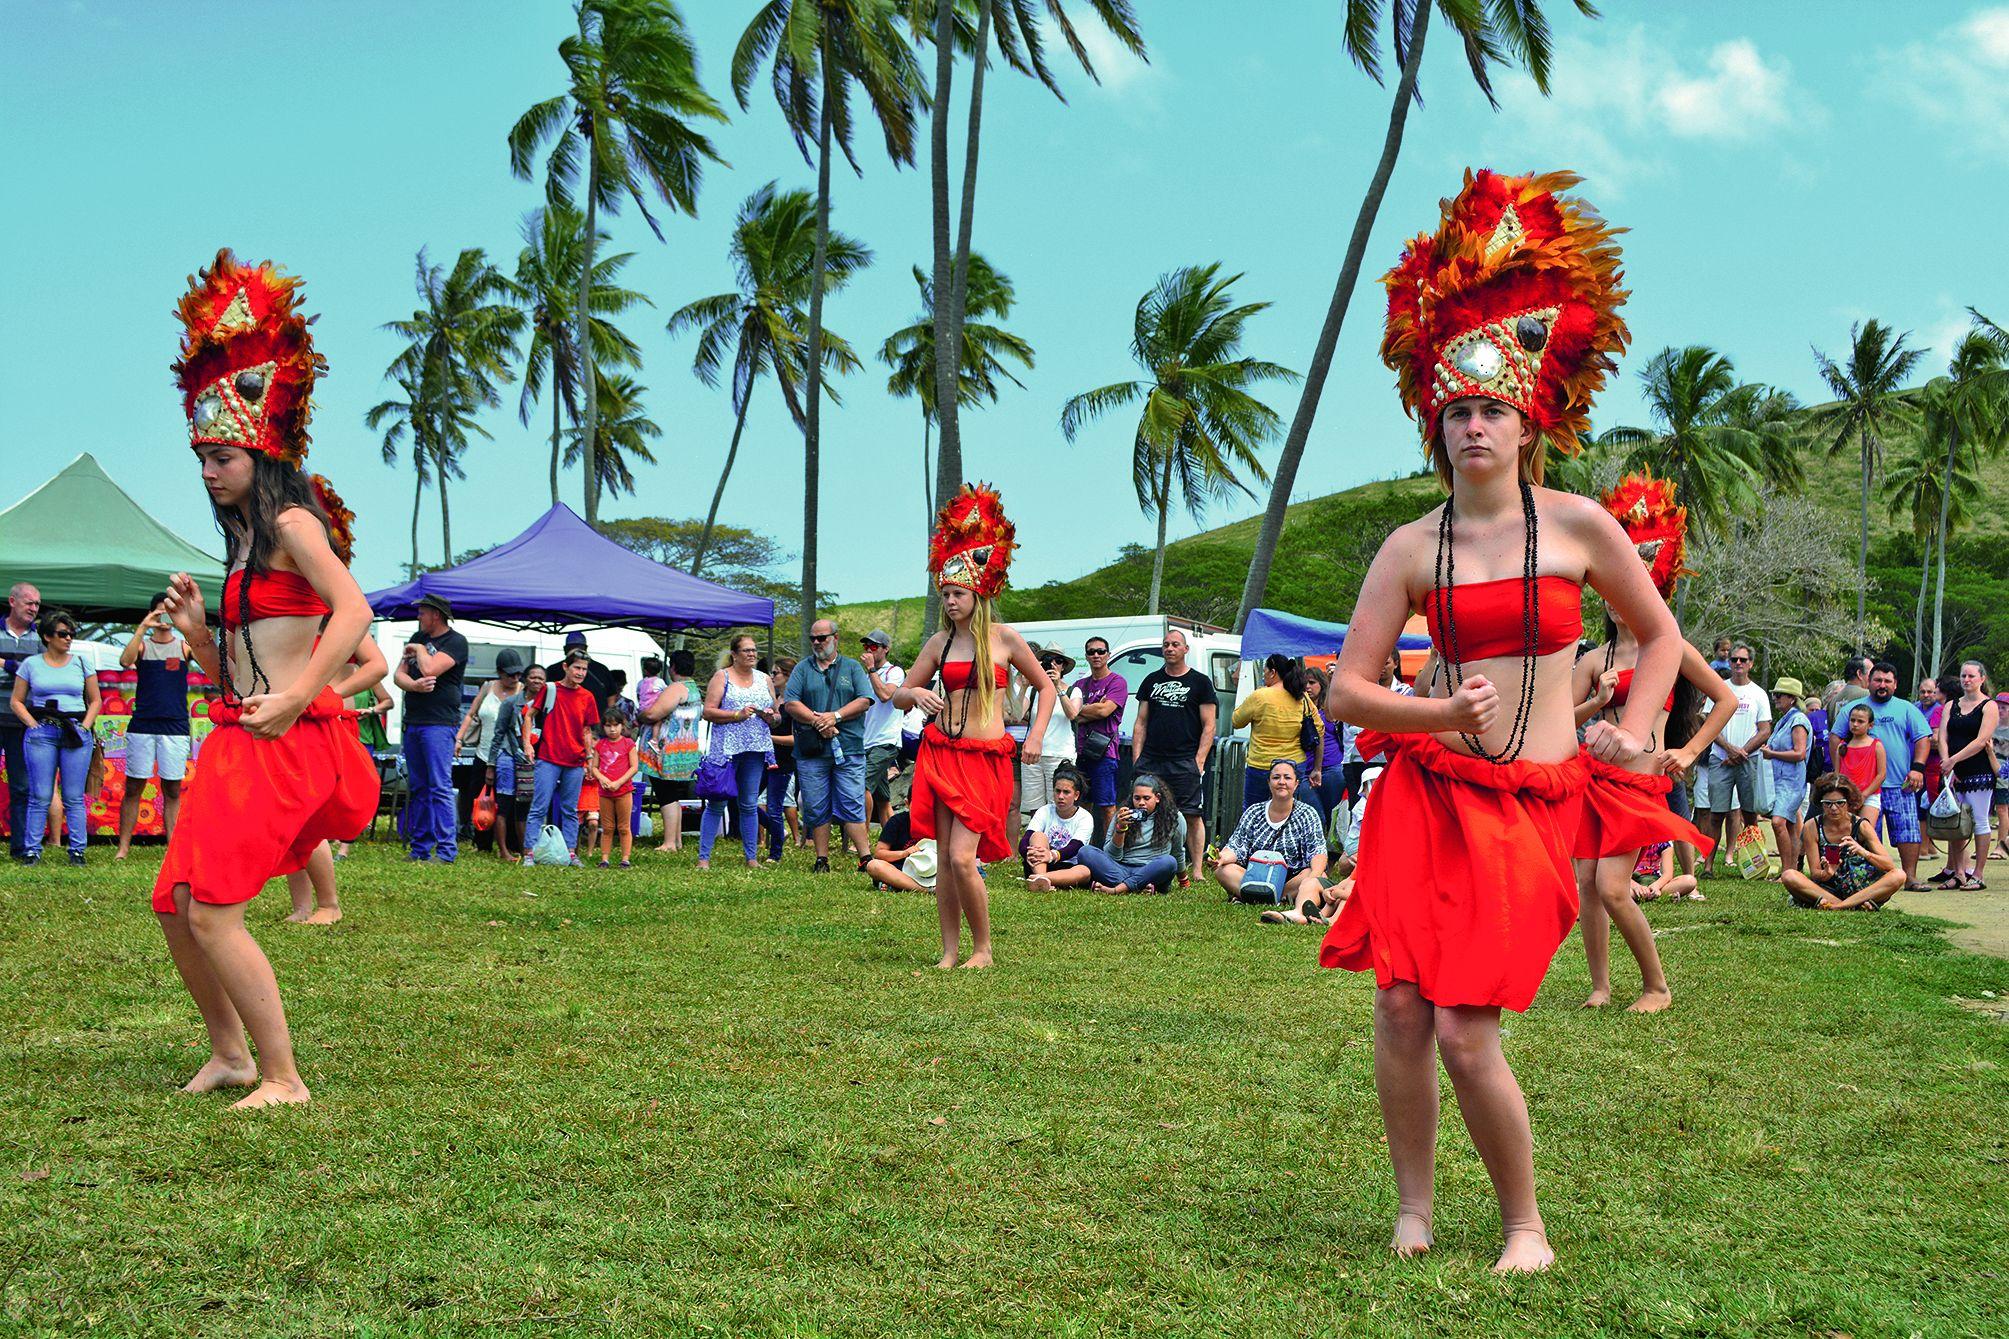 Danses, tahitienne (notre photo) avec la troupe Tamara du Mont -)Dore, wallisienne et futunienne avec La Foa Vella, démonstration de claquage de fouet, fantasia... sont venus agrémenter ce marché.